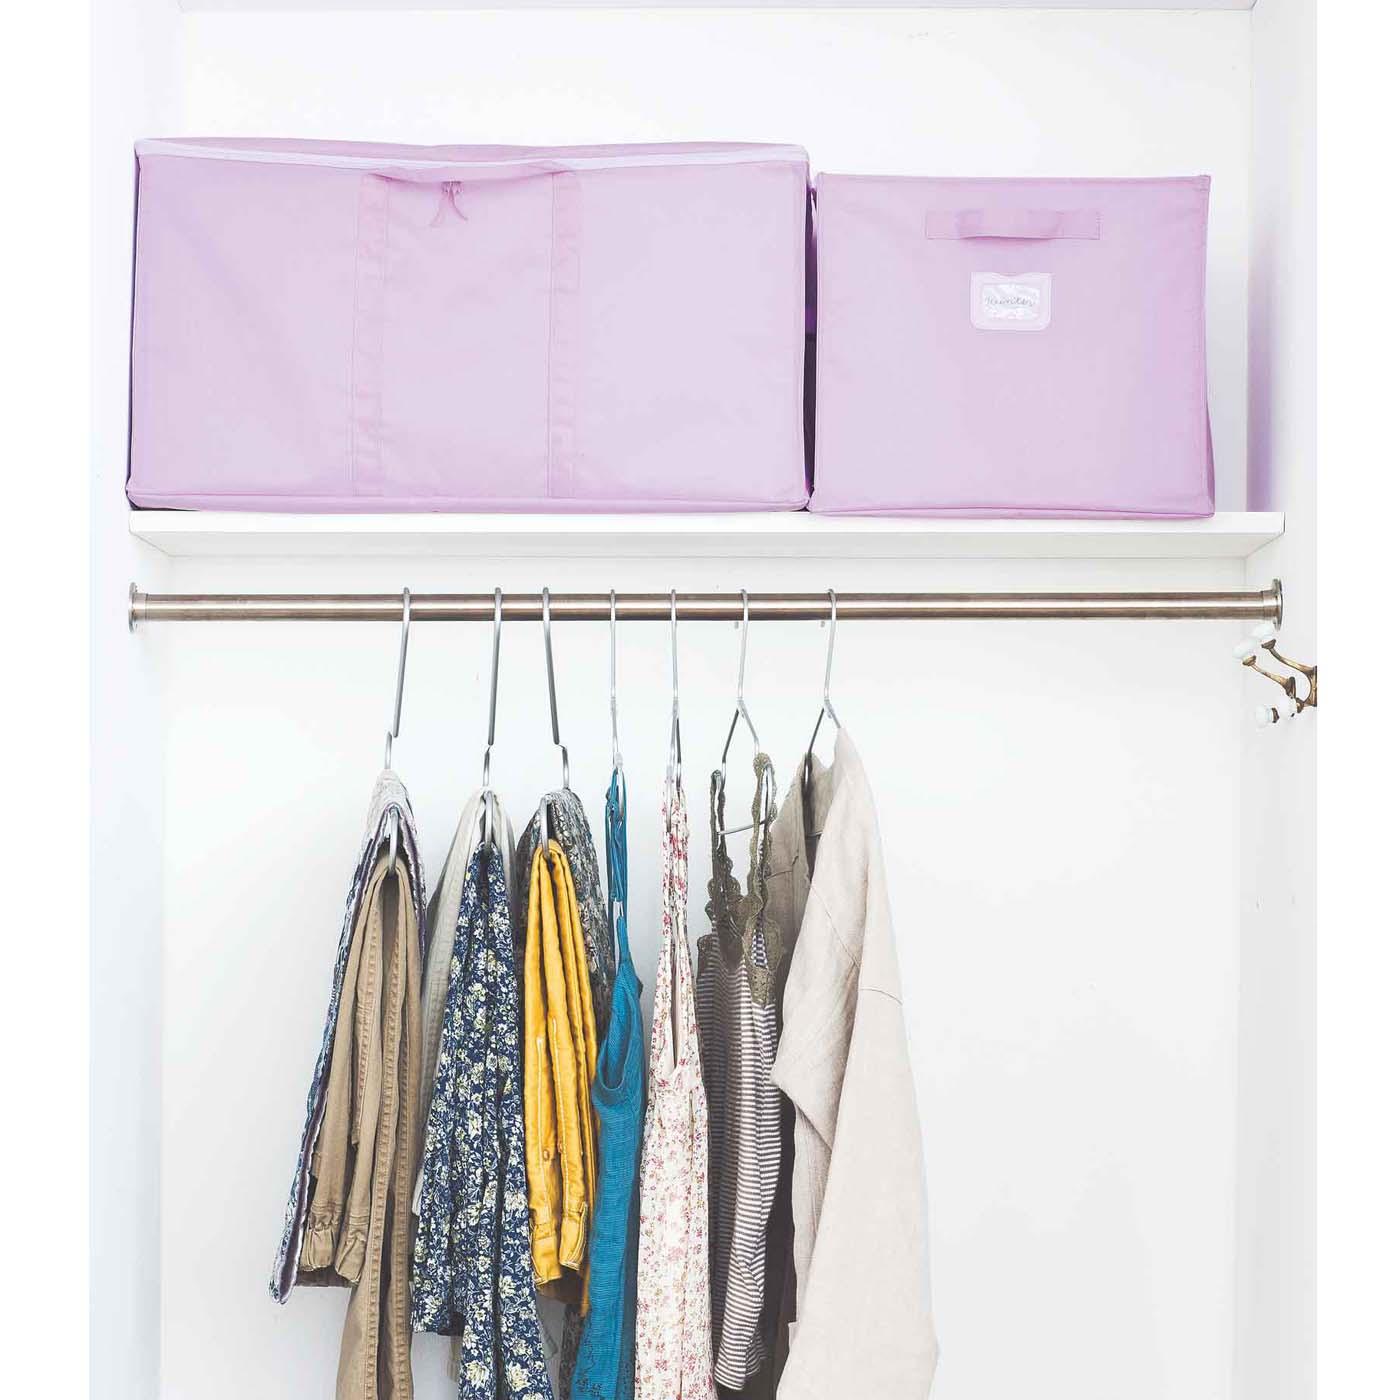 クロゼットが上手に整理できないのは、今すぐ使いたいものとふだん使わないものが混在しているから。そこで、オフシーズンのアイテムをしまう大きめのストレージバッグと、バッグや帽子など出番がおおい季節のアイテムを入れておく小さめのボックスを投入。見た目の統一感も生まれて、洋服選びもたのしくなりそう。ハンガーは厚みのない省スペースタイプ。ハンガーも同じもので統一すれば、かさばりがちな洋服もスマートに。